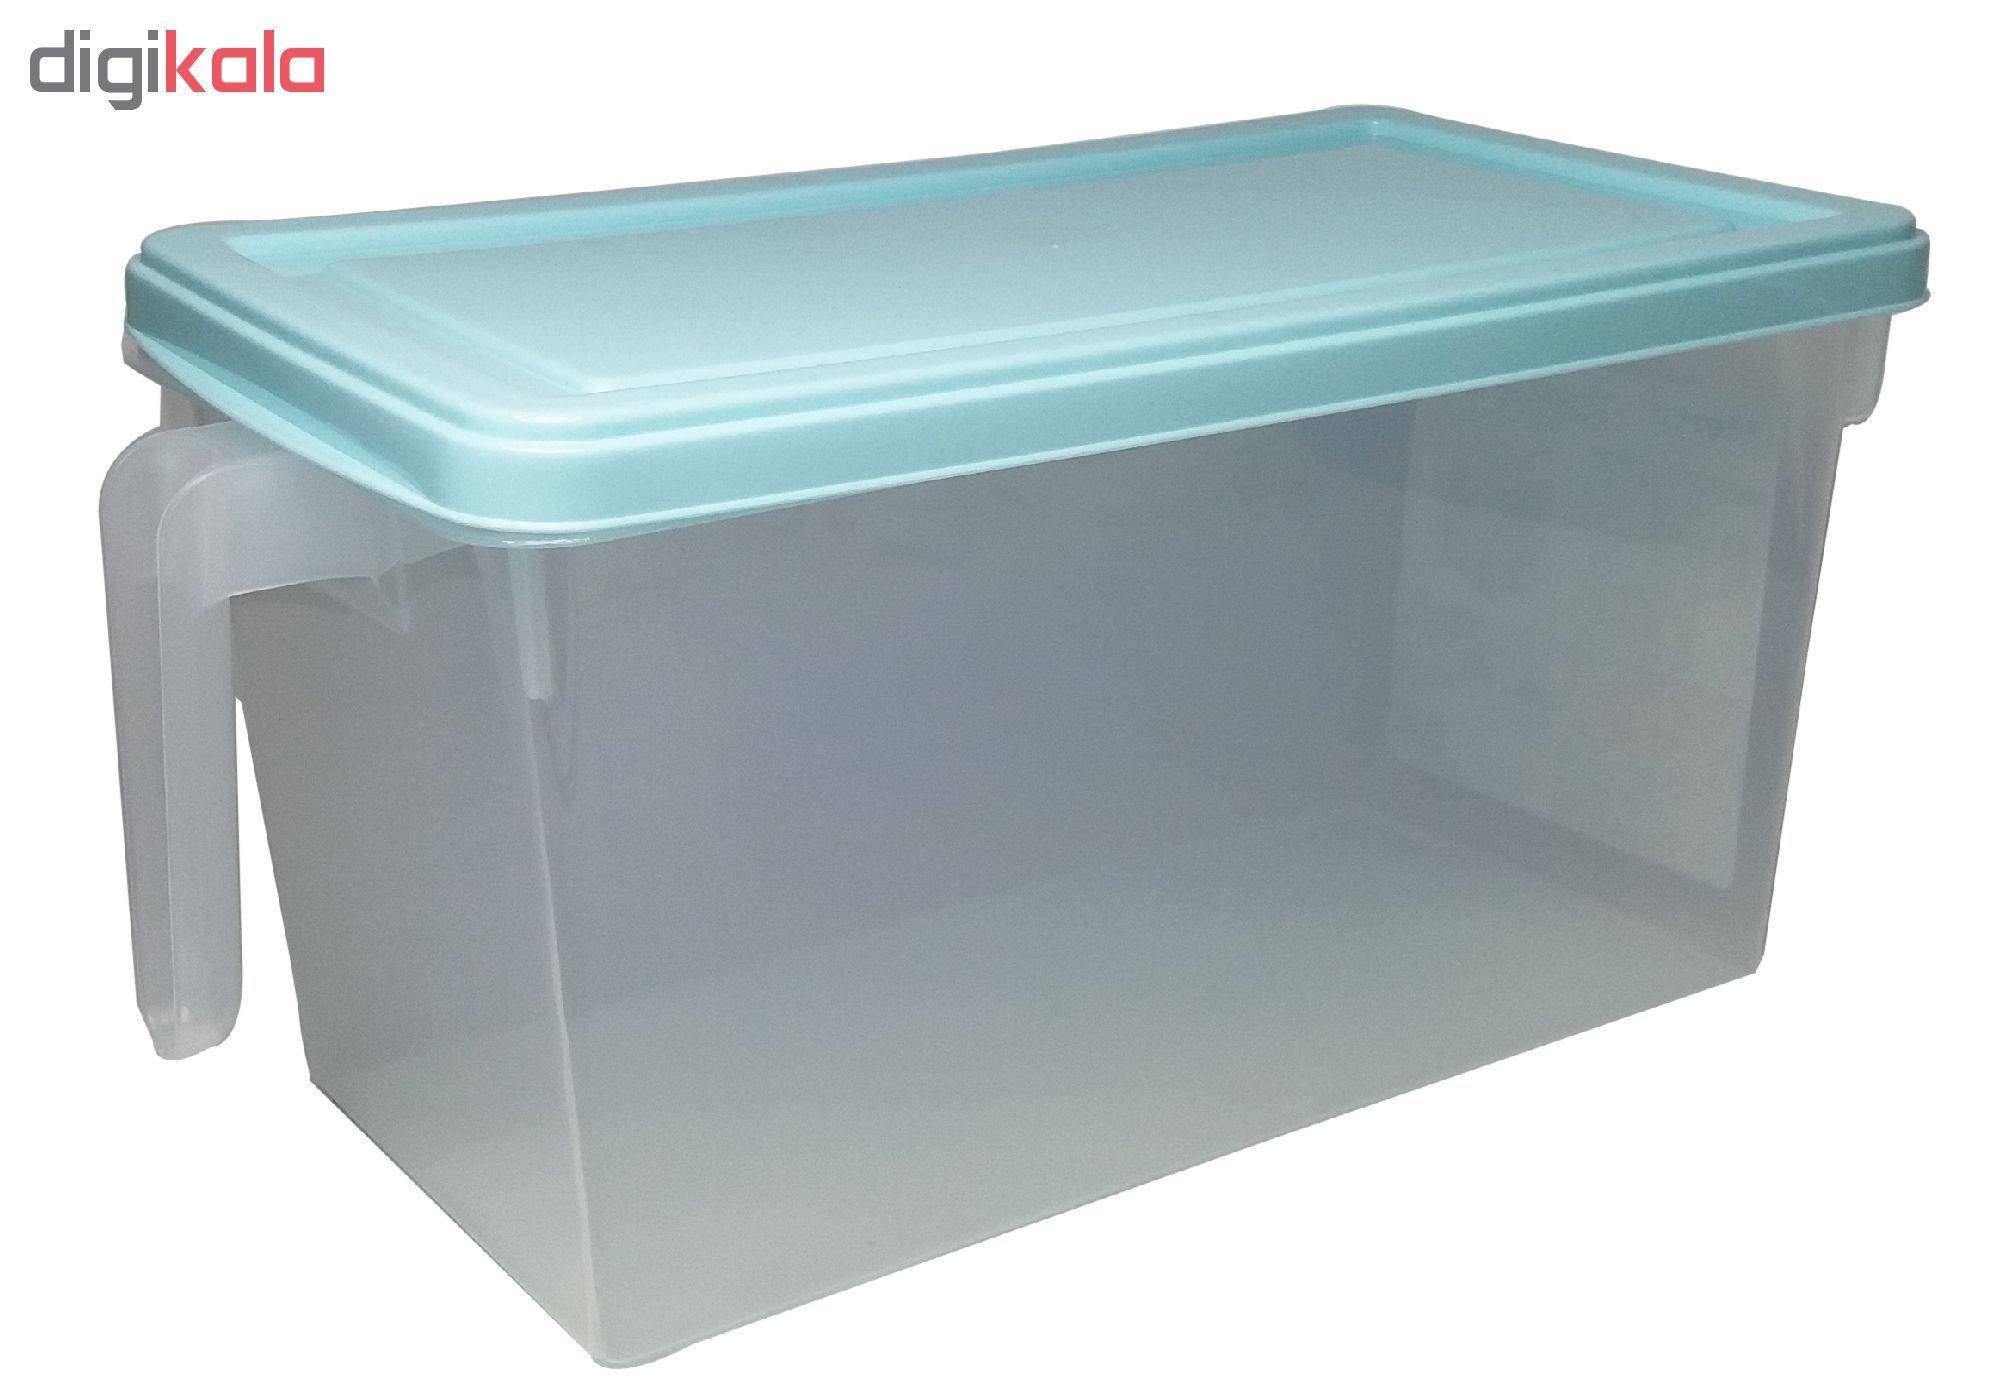 باکس نگهدارنده و نظم دهنده یخچال مدل مرسه main 1 2